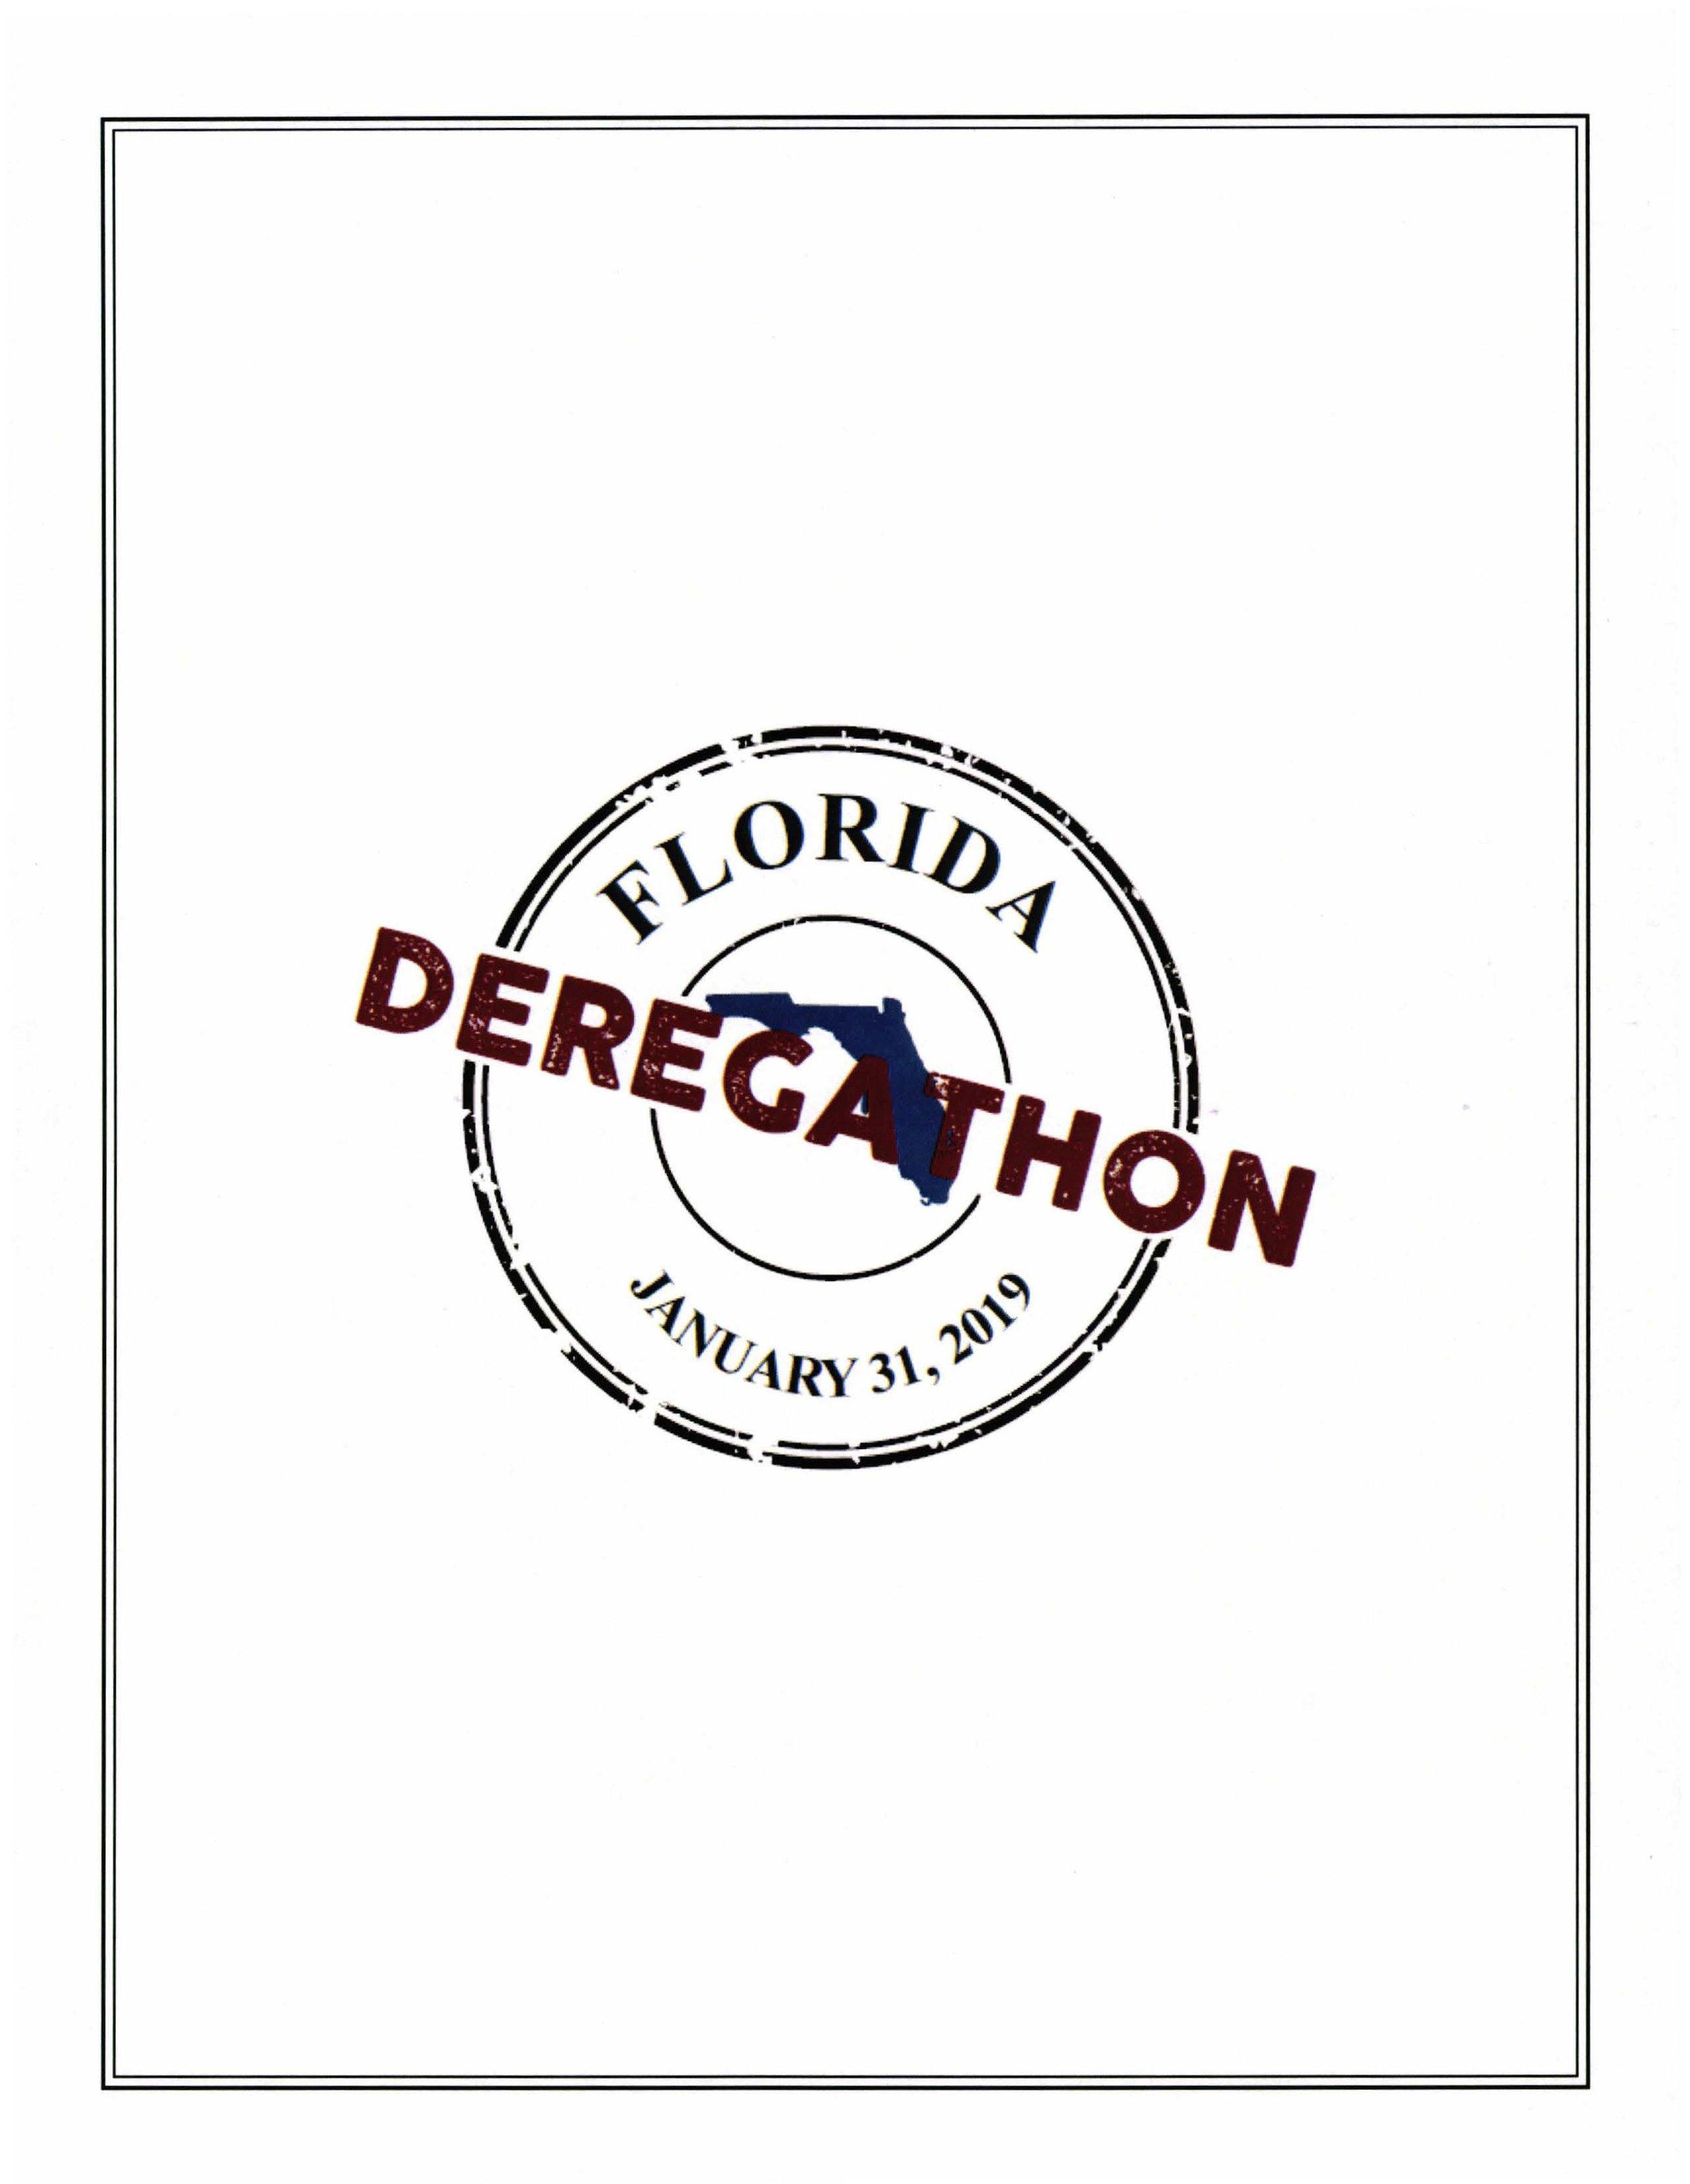 Deregathon - 2.7.19 presentation_Page_1.jpg